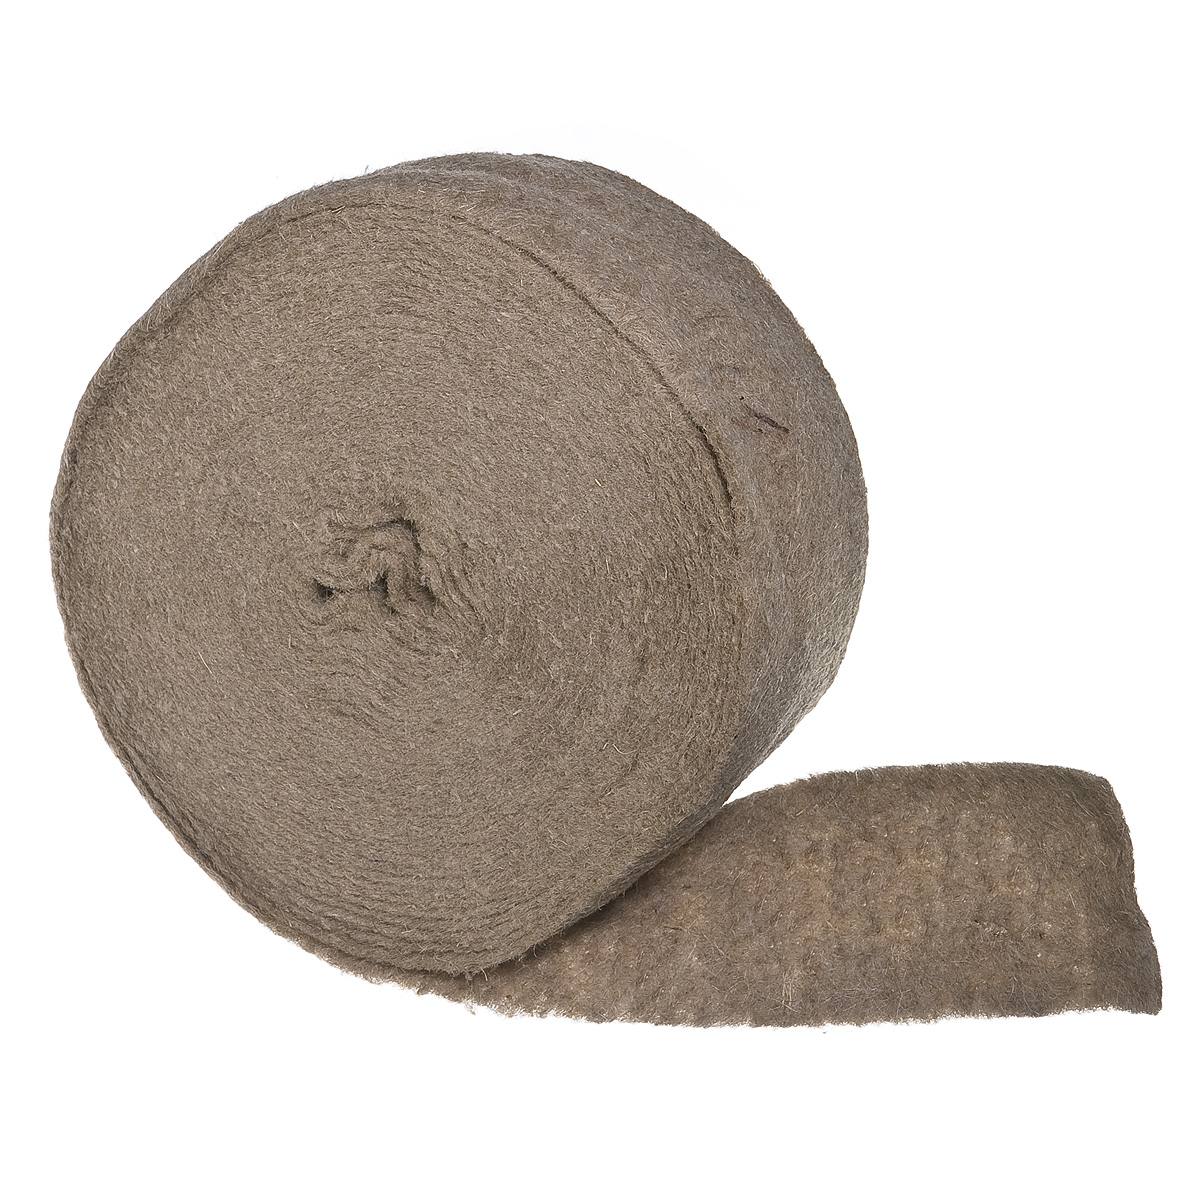 Утеплитель межвенцовый (уплотнитель) джутовый  8-10 мм 0,15х10 м